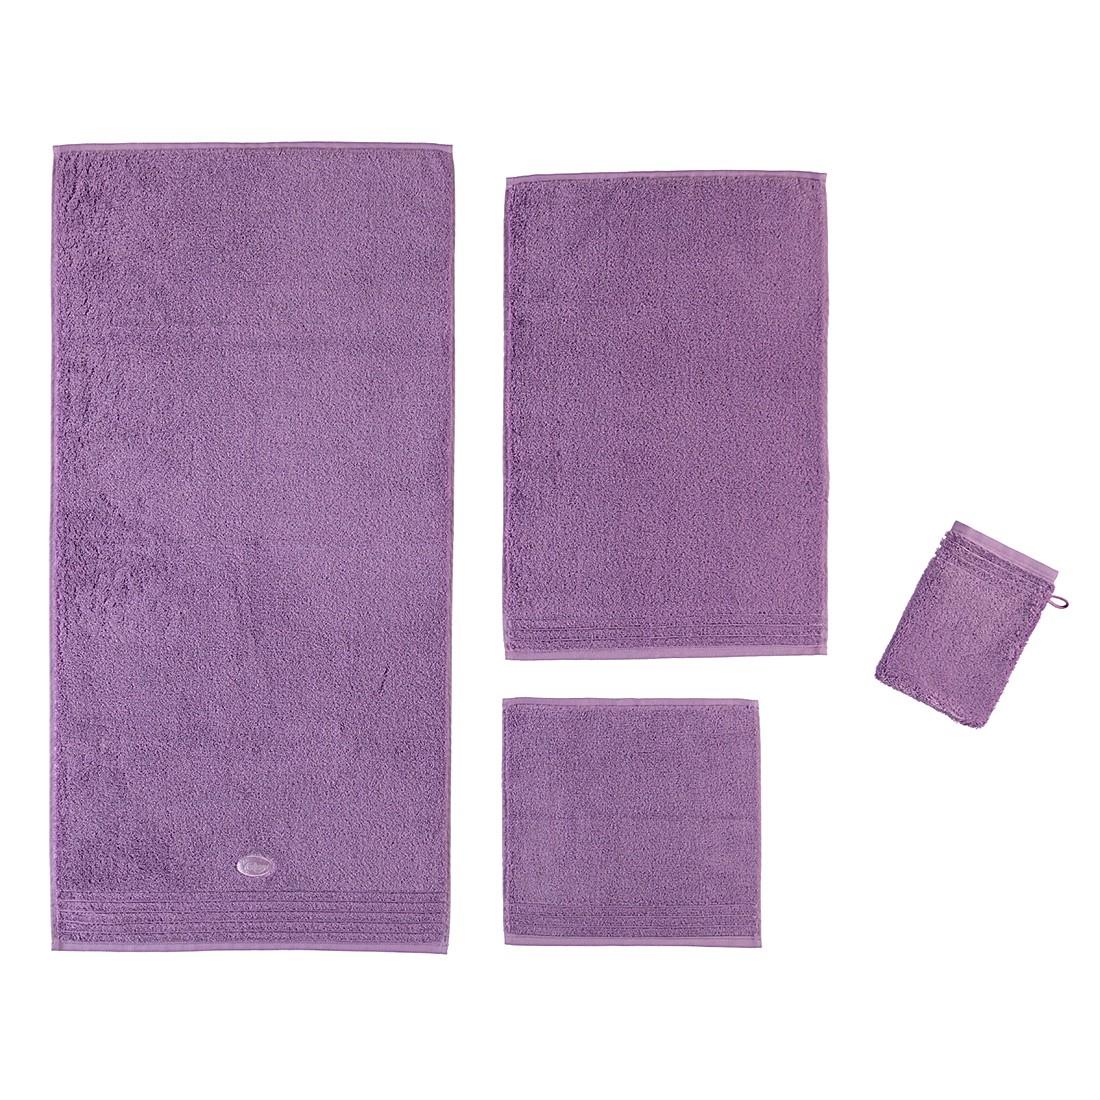 Handtücher Dreams – Baumwolle – Dark Lilac – Seiflappen 30×30 cm, Vossen jetzt kaufen